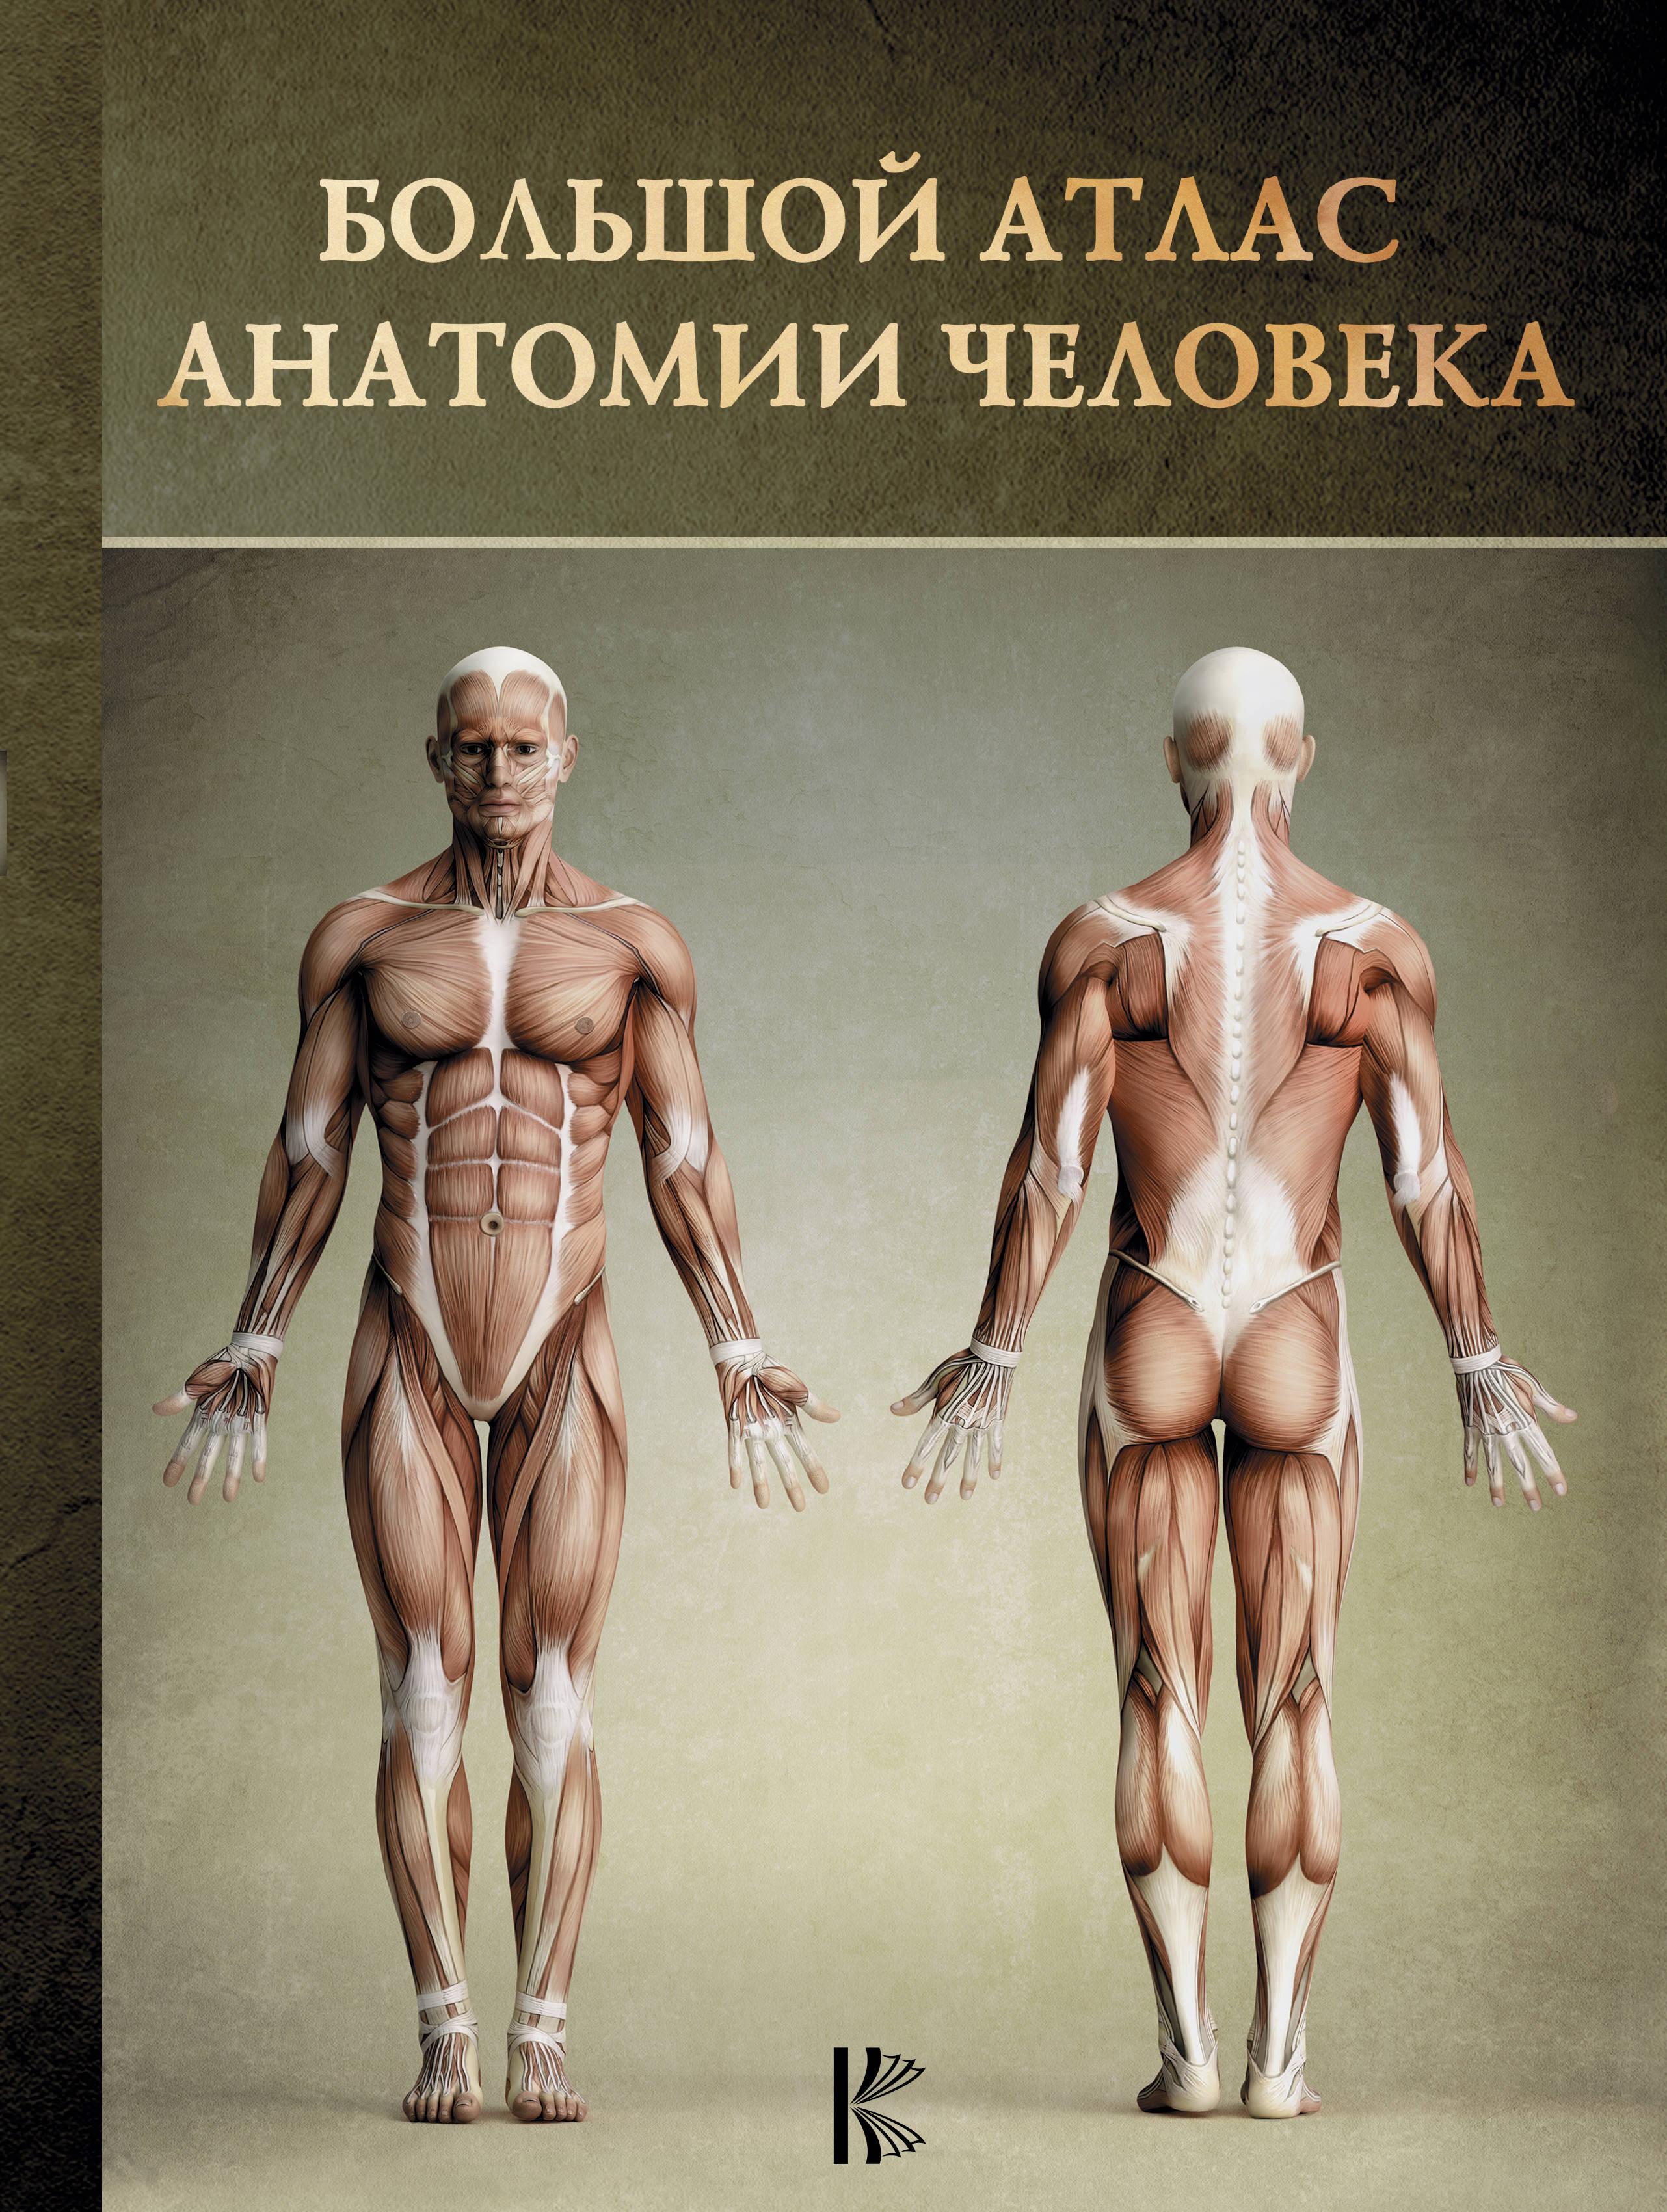 . Большой атлас анатомии человека карпенко т ред большой иллюстрированный атлас анатомии человека энциклопедический атлас человеческого тела